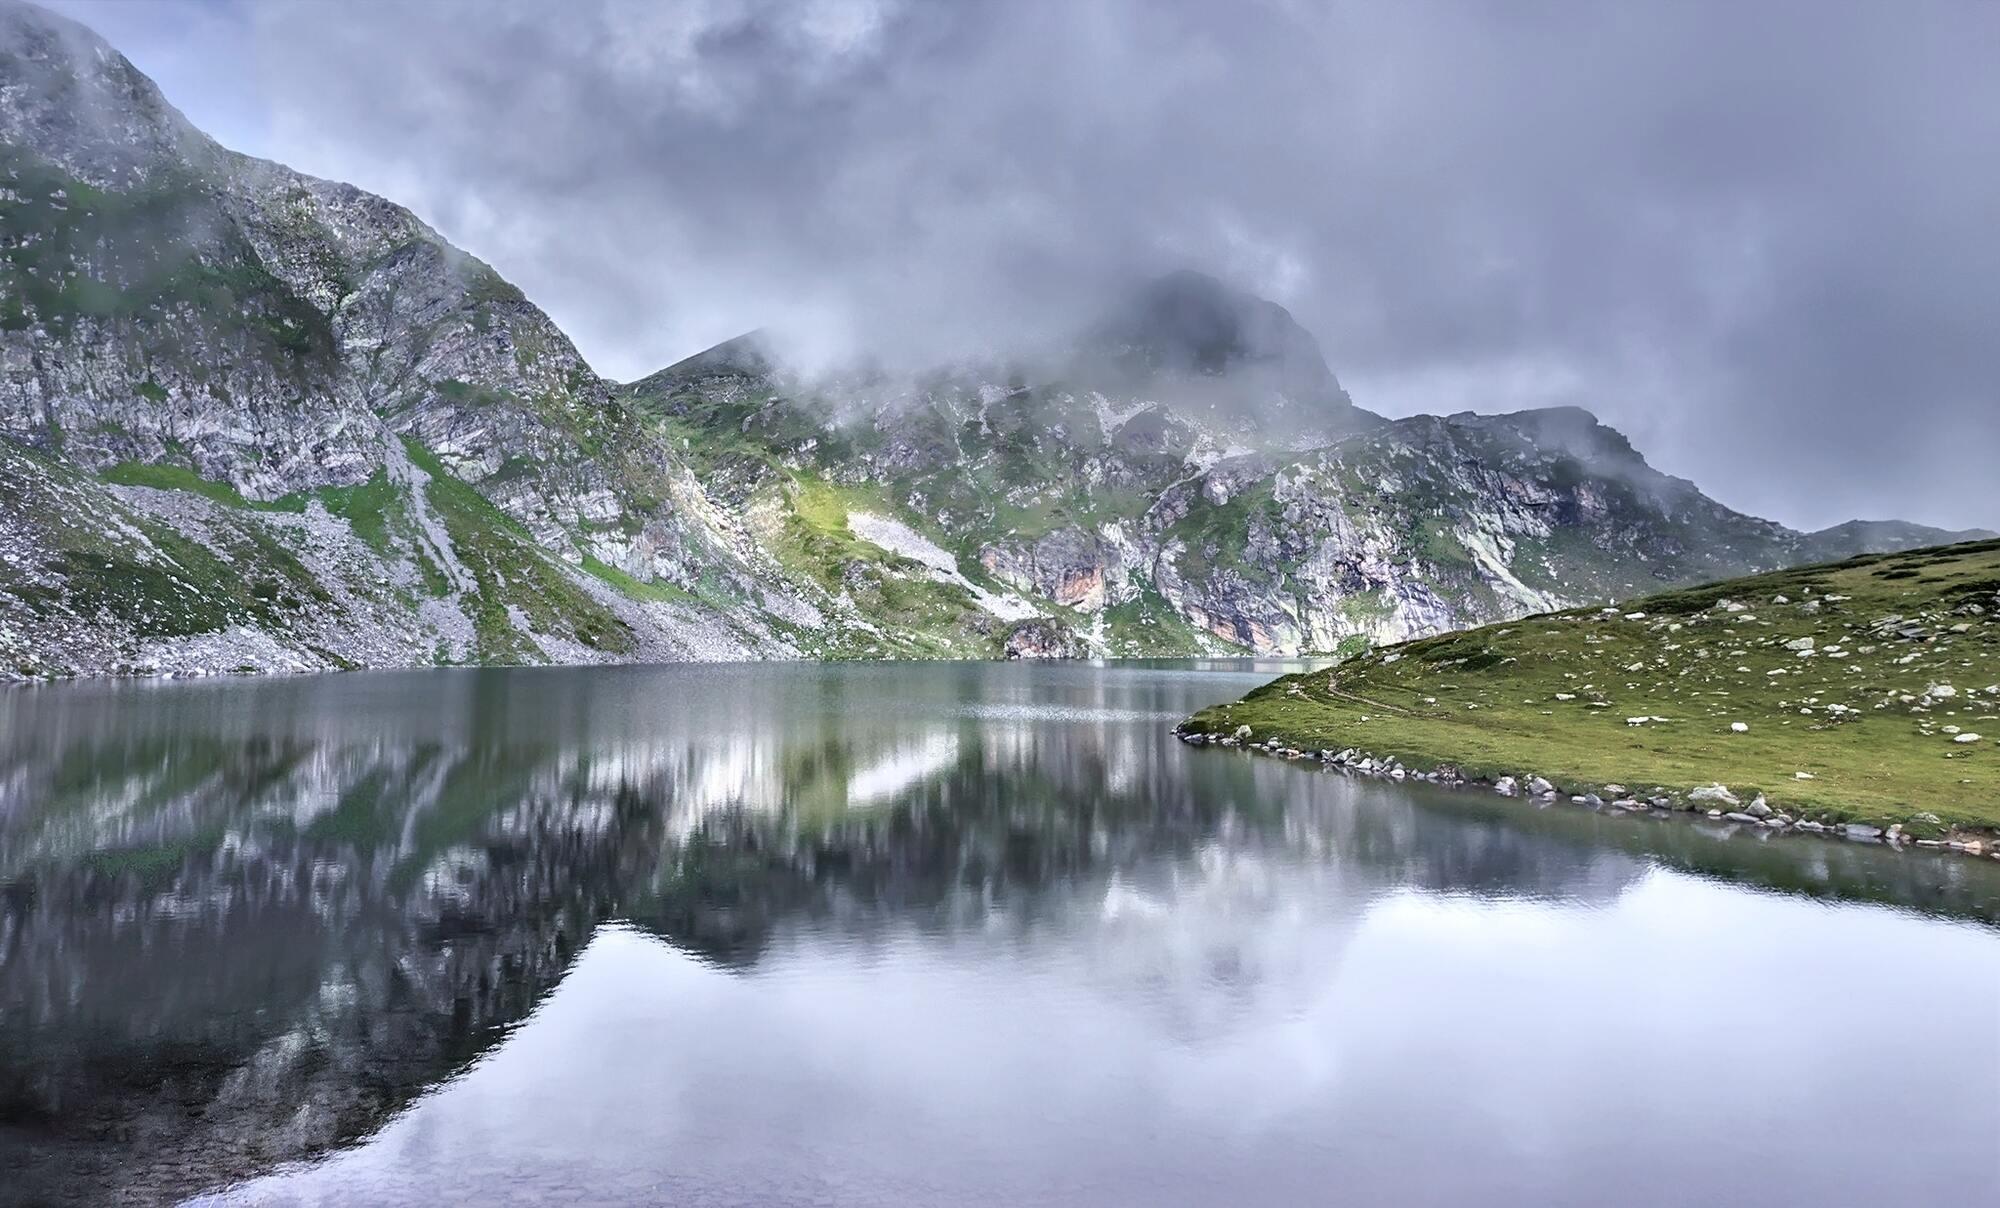 Цієї зими курорти Болгарії стали одним із небагатьох відкритих напрямків гірськолижного відпочинку для українців.